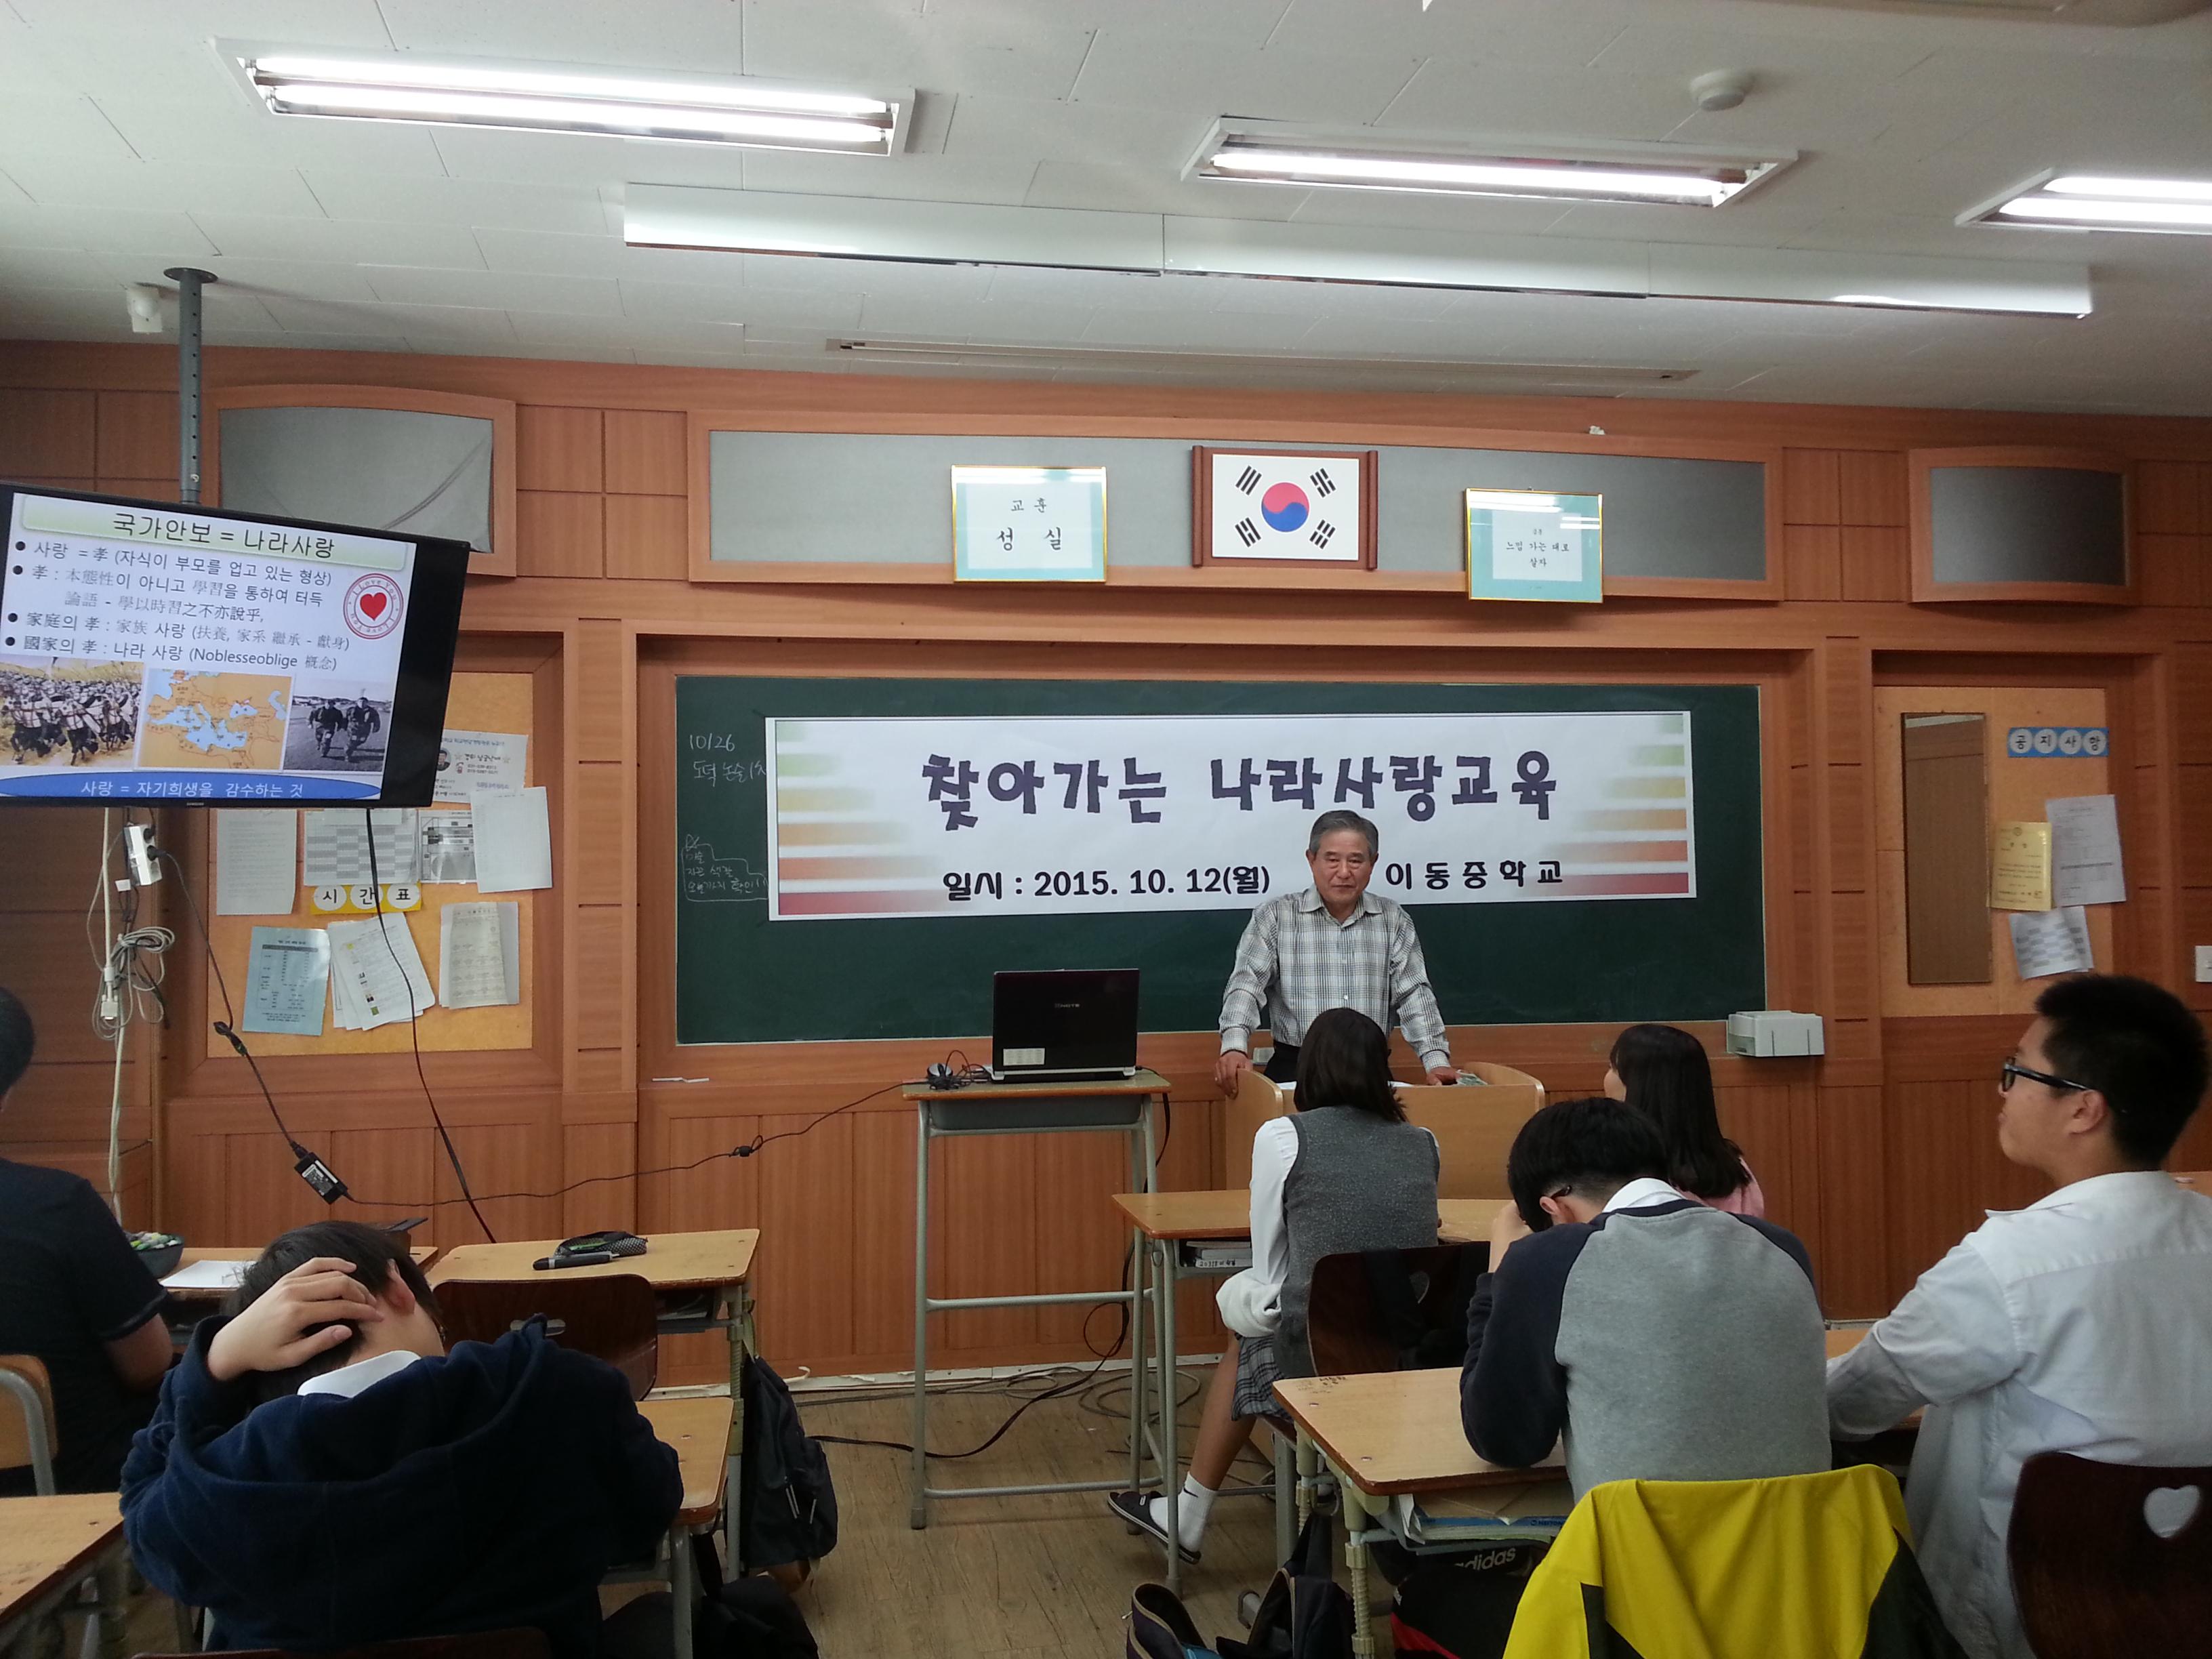 [일반] 찾아가는 나라사랑교육의 첨부이미지 2